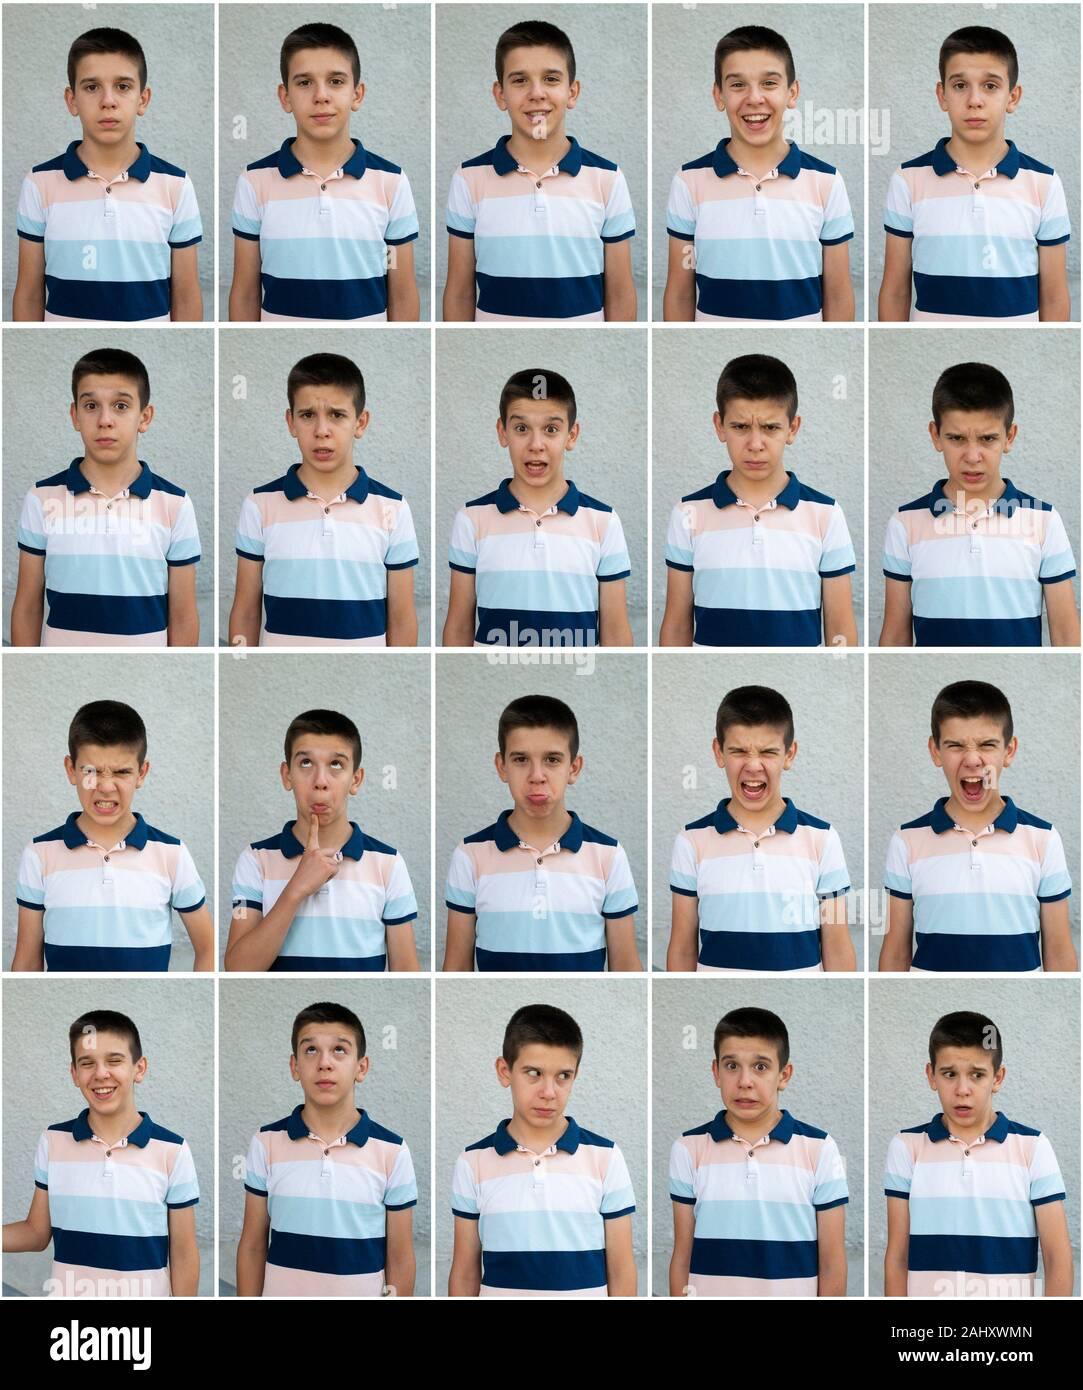 Visages De L Enfant De Nombreux Visages Montrant Les Emotions Et Les Expressions Visage Visage Adolescent Photo Stock Alamy